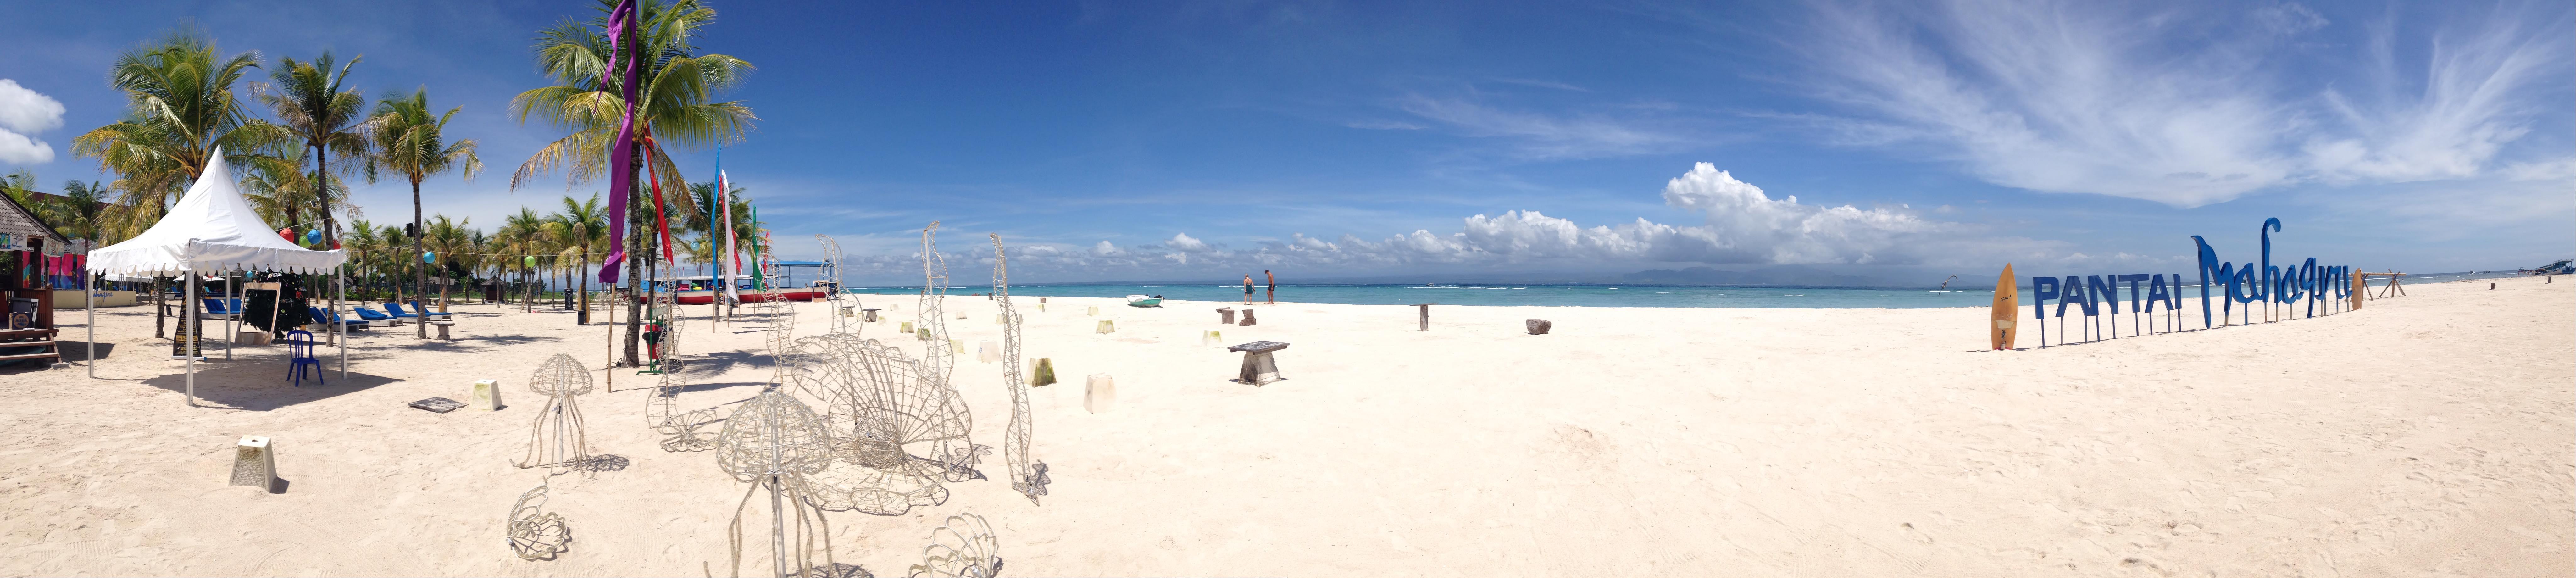 Mahagiri beach, Lembongan island